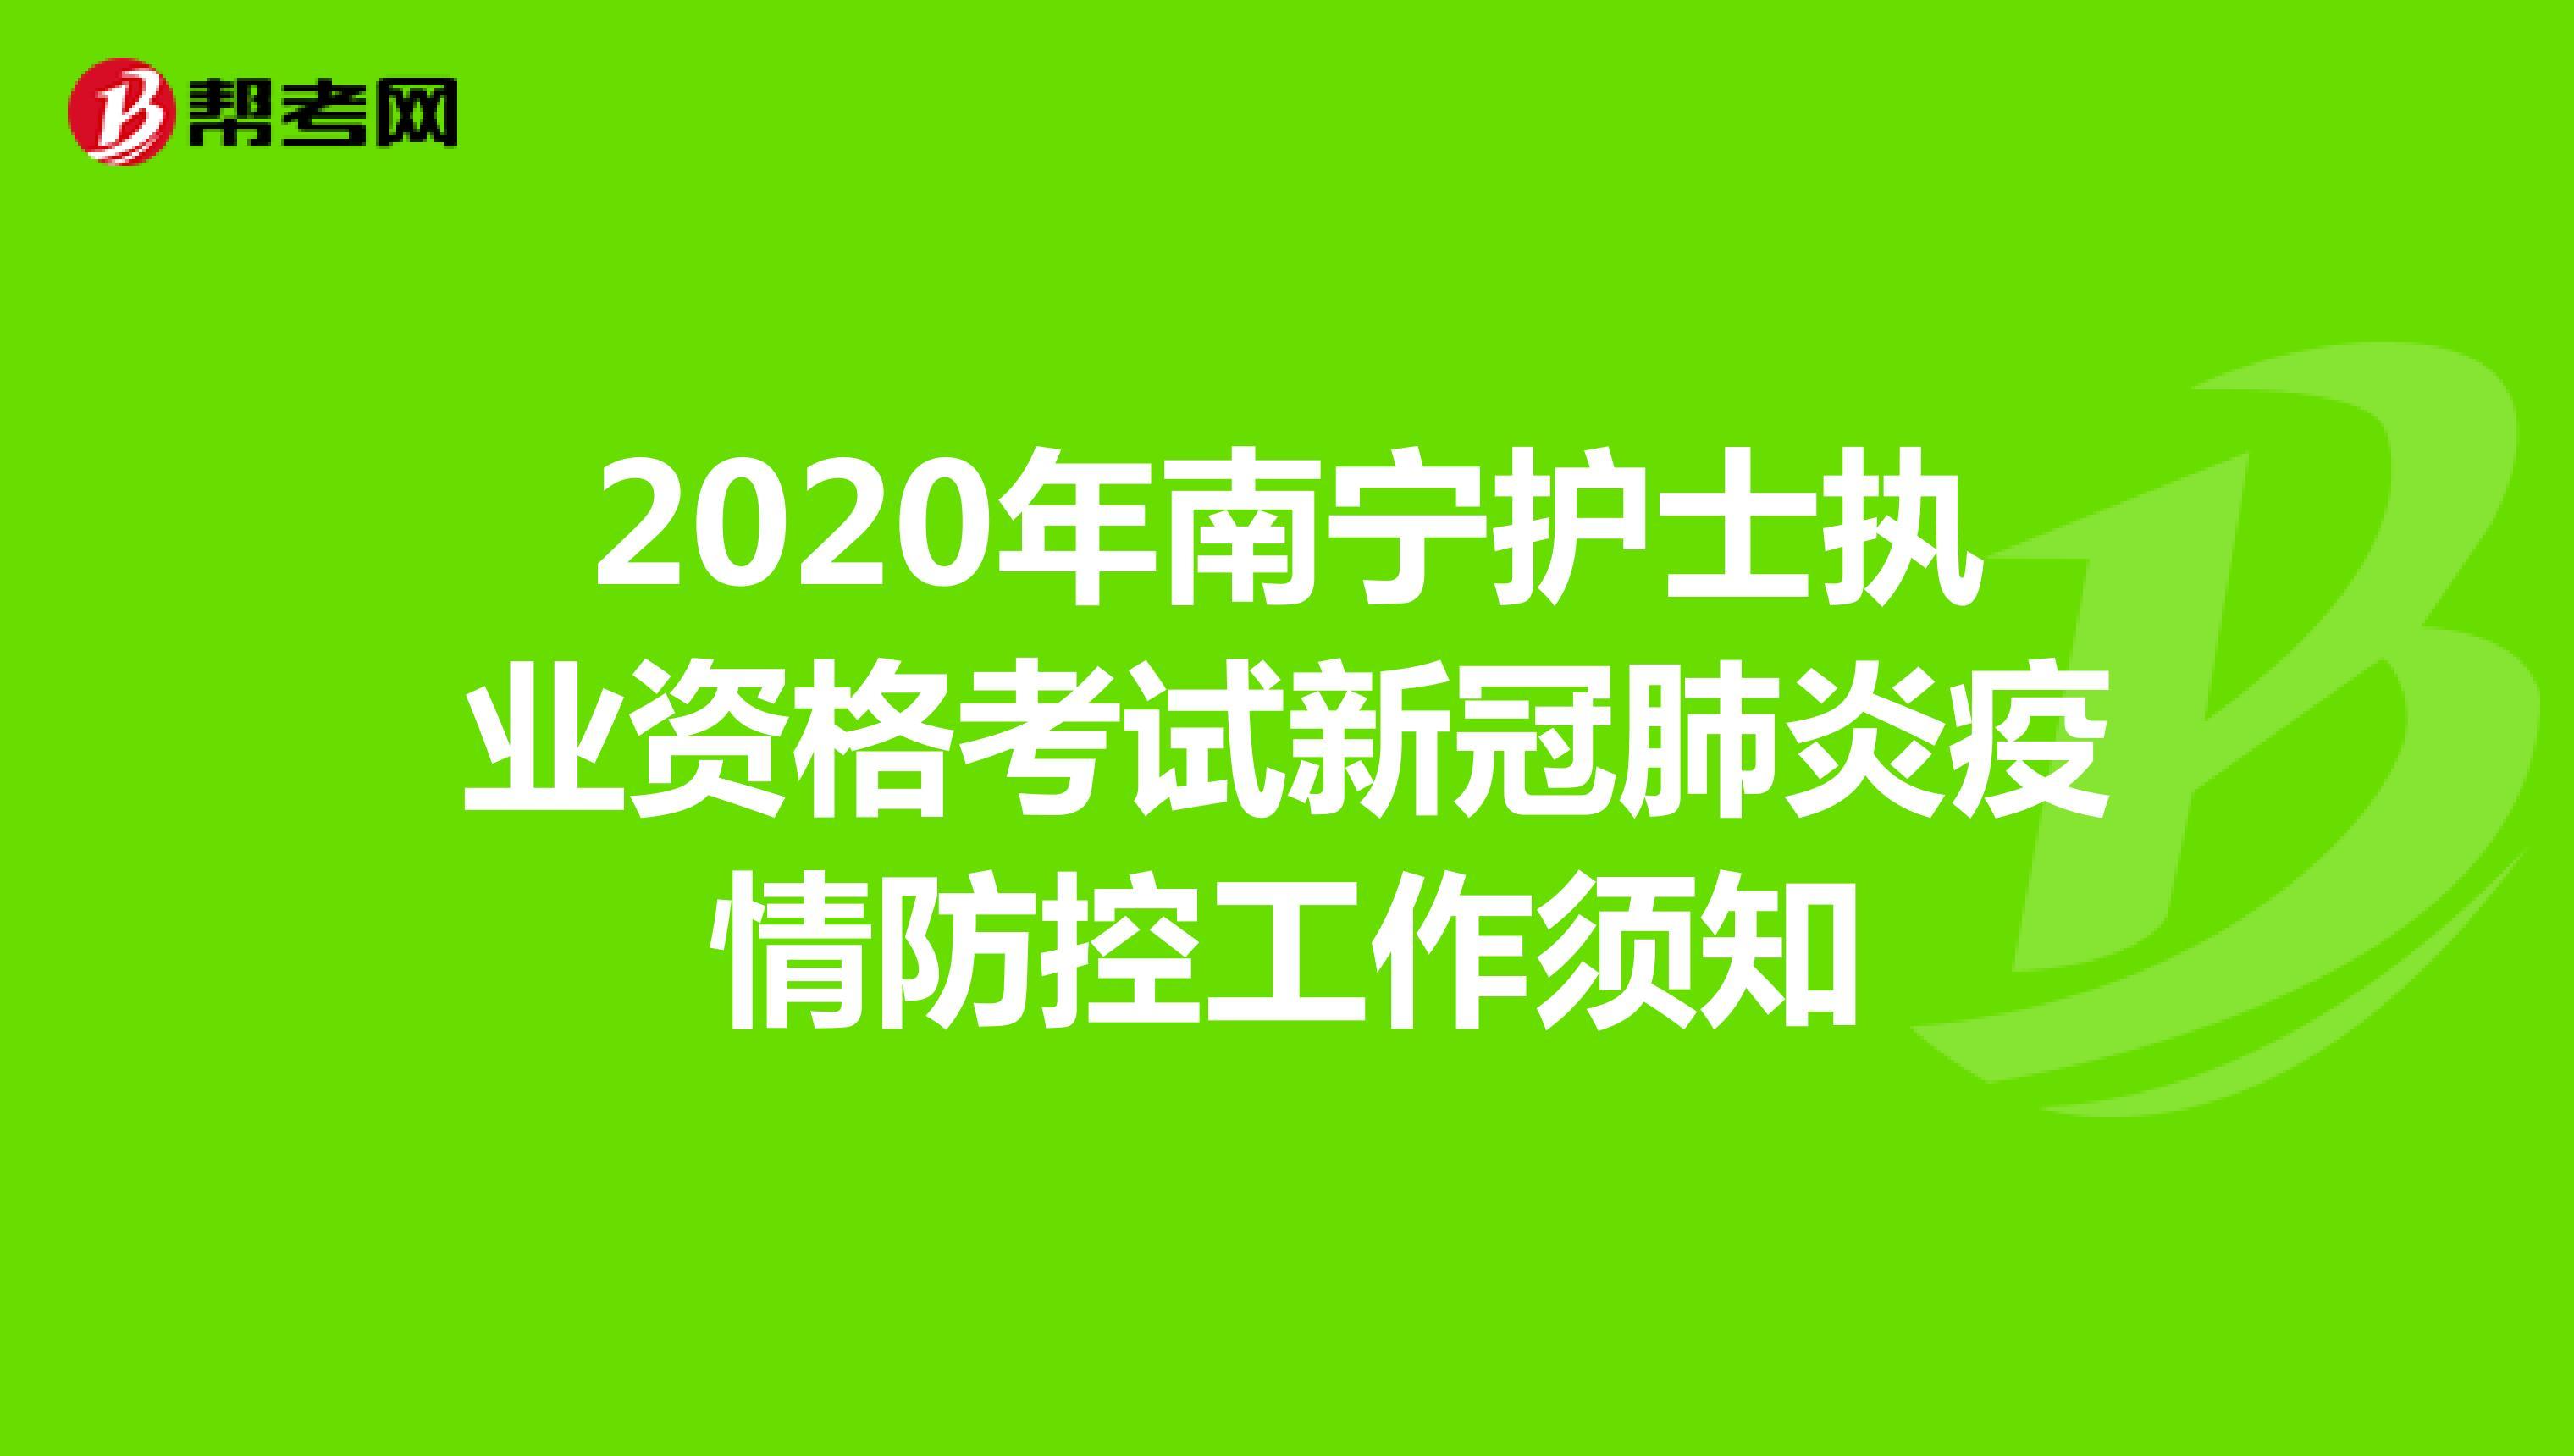 2020年南宁护士执业资格考试新冠肺炎疫情防控工作须知